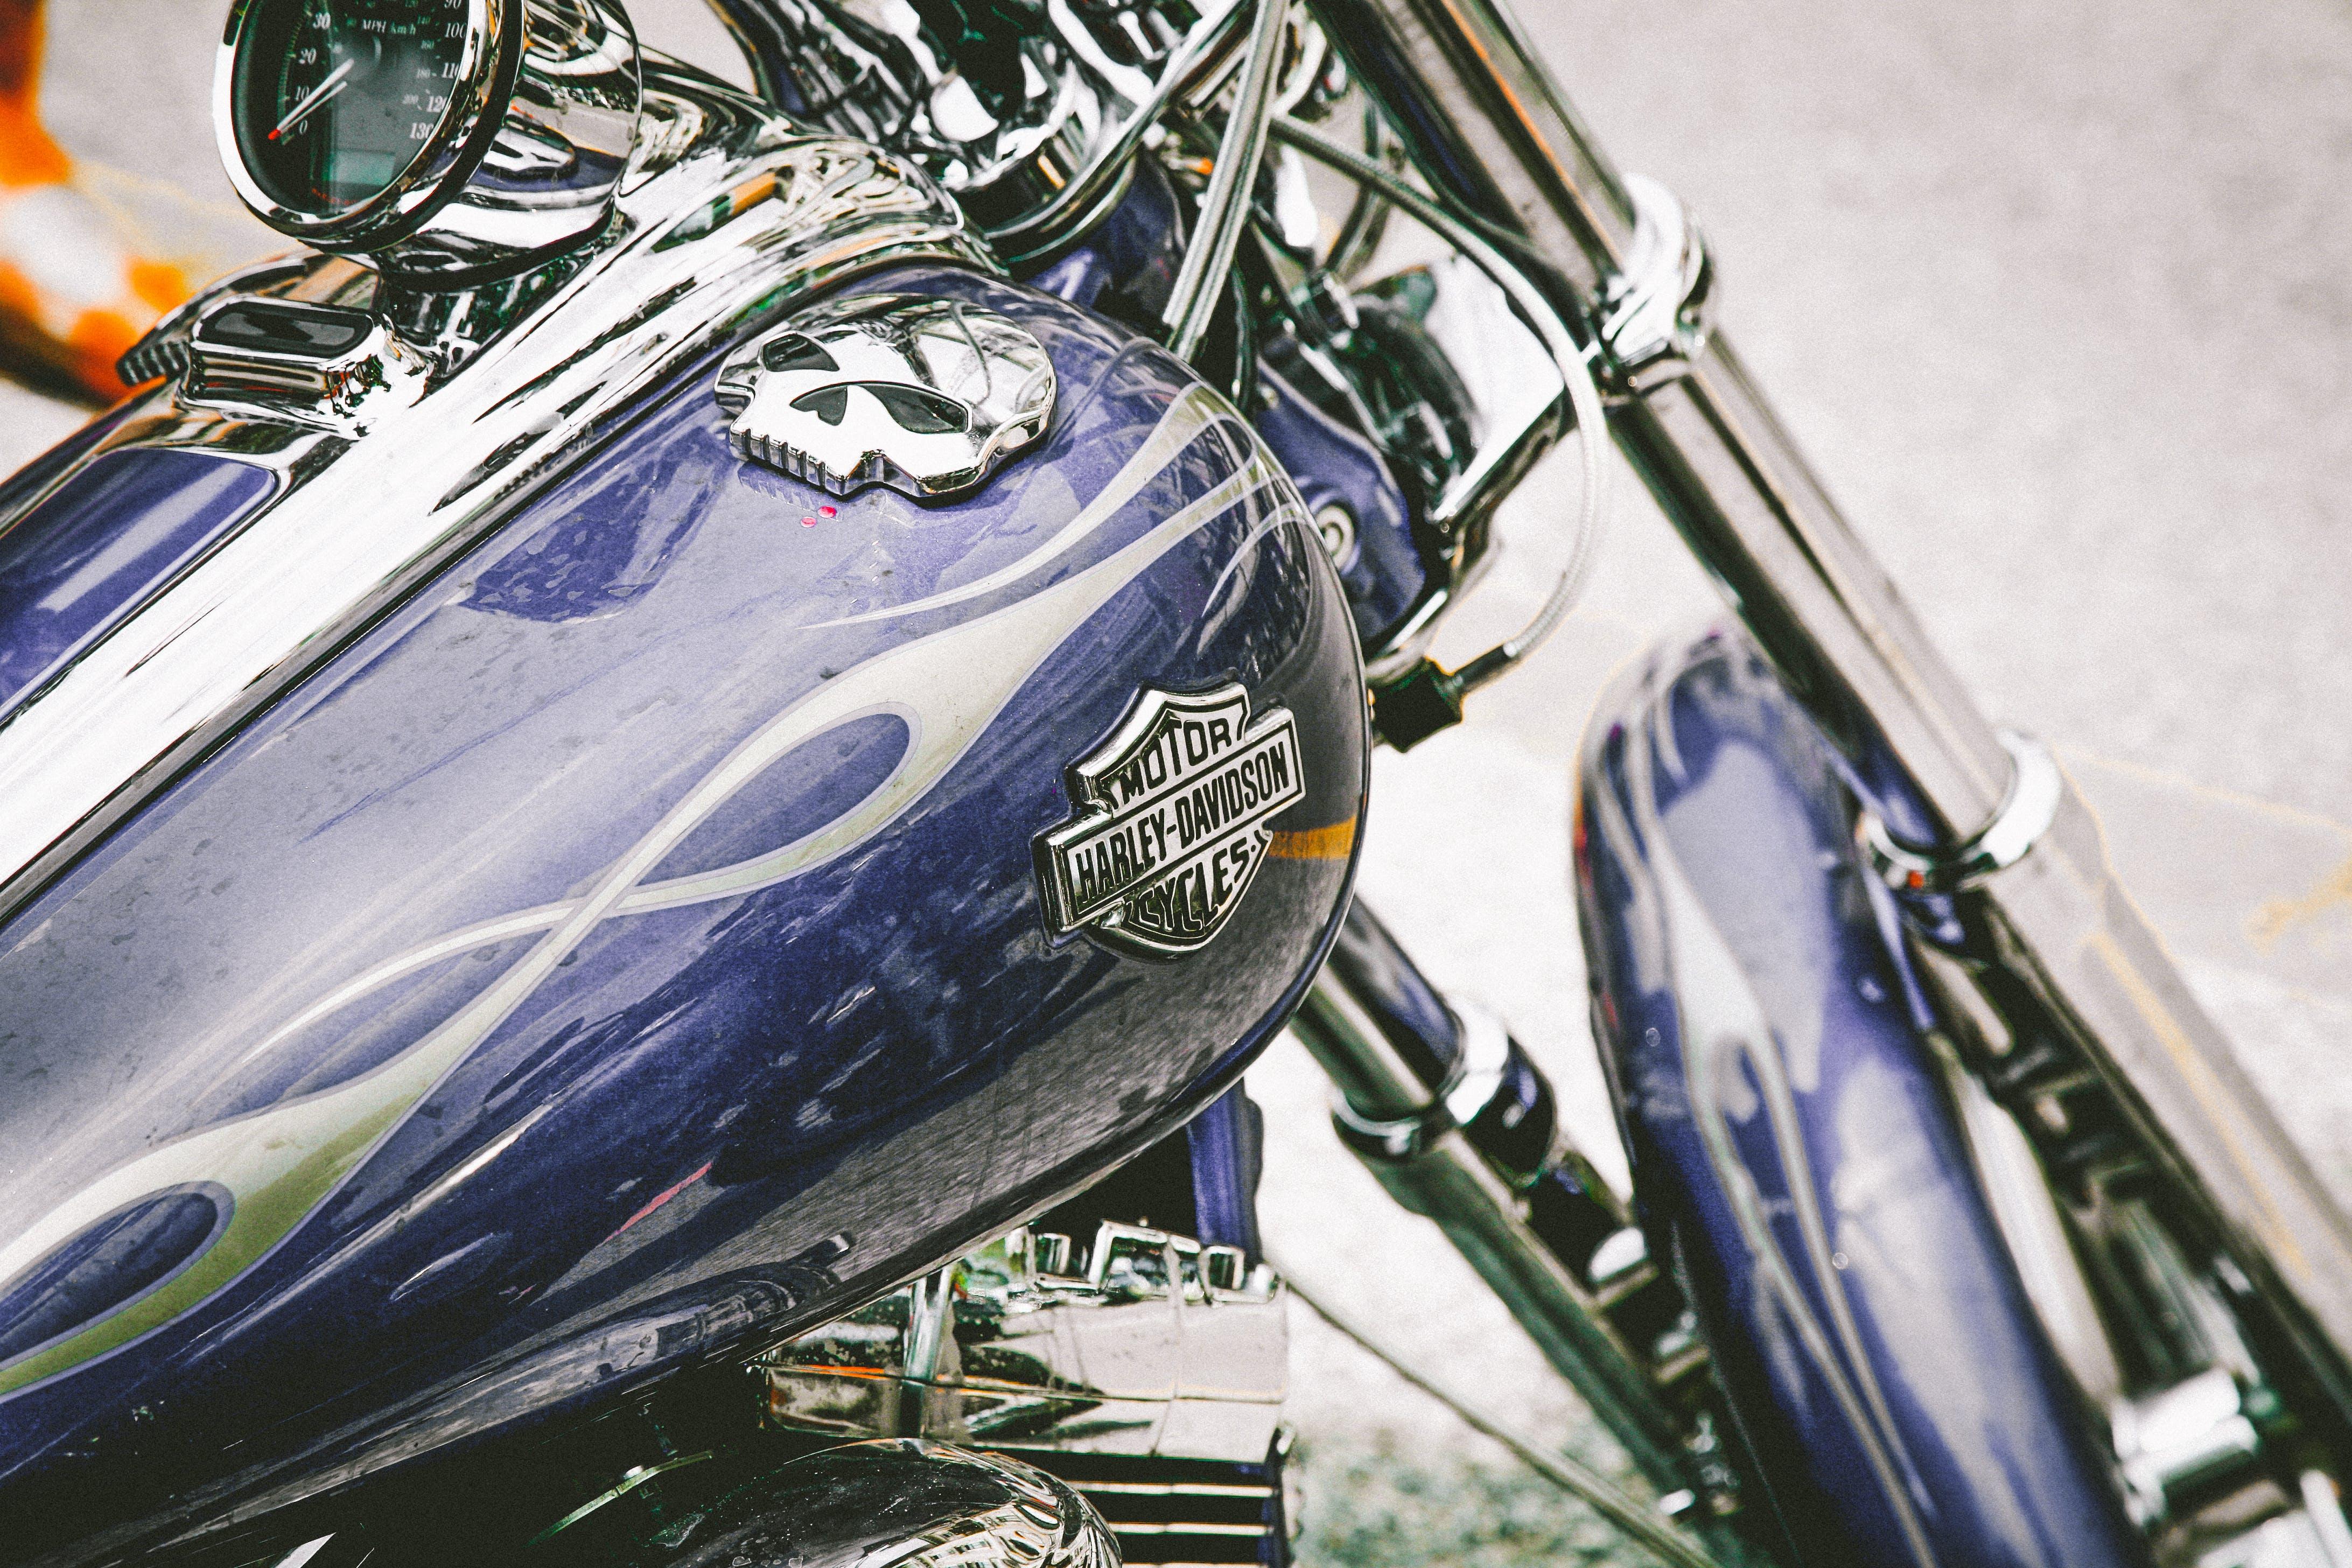 オートバイ, ハーレーダビッドソン, バイク, ライドの無料の写真素材